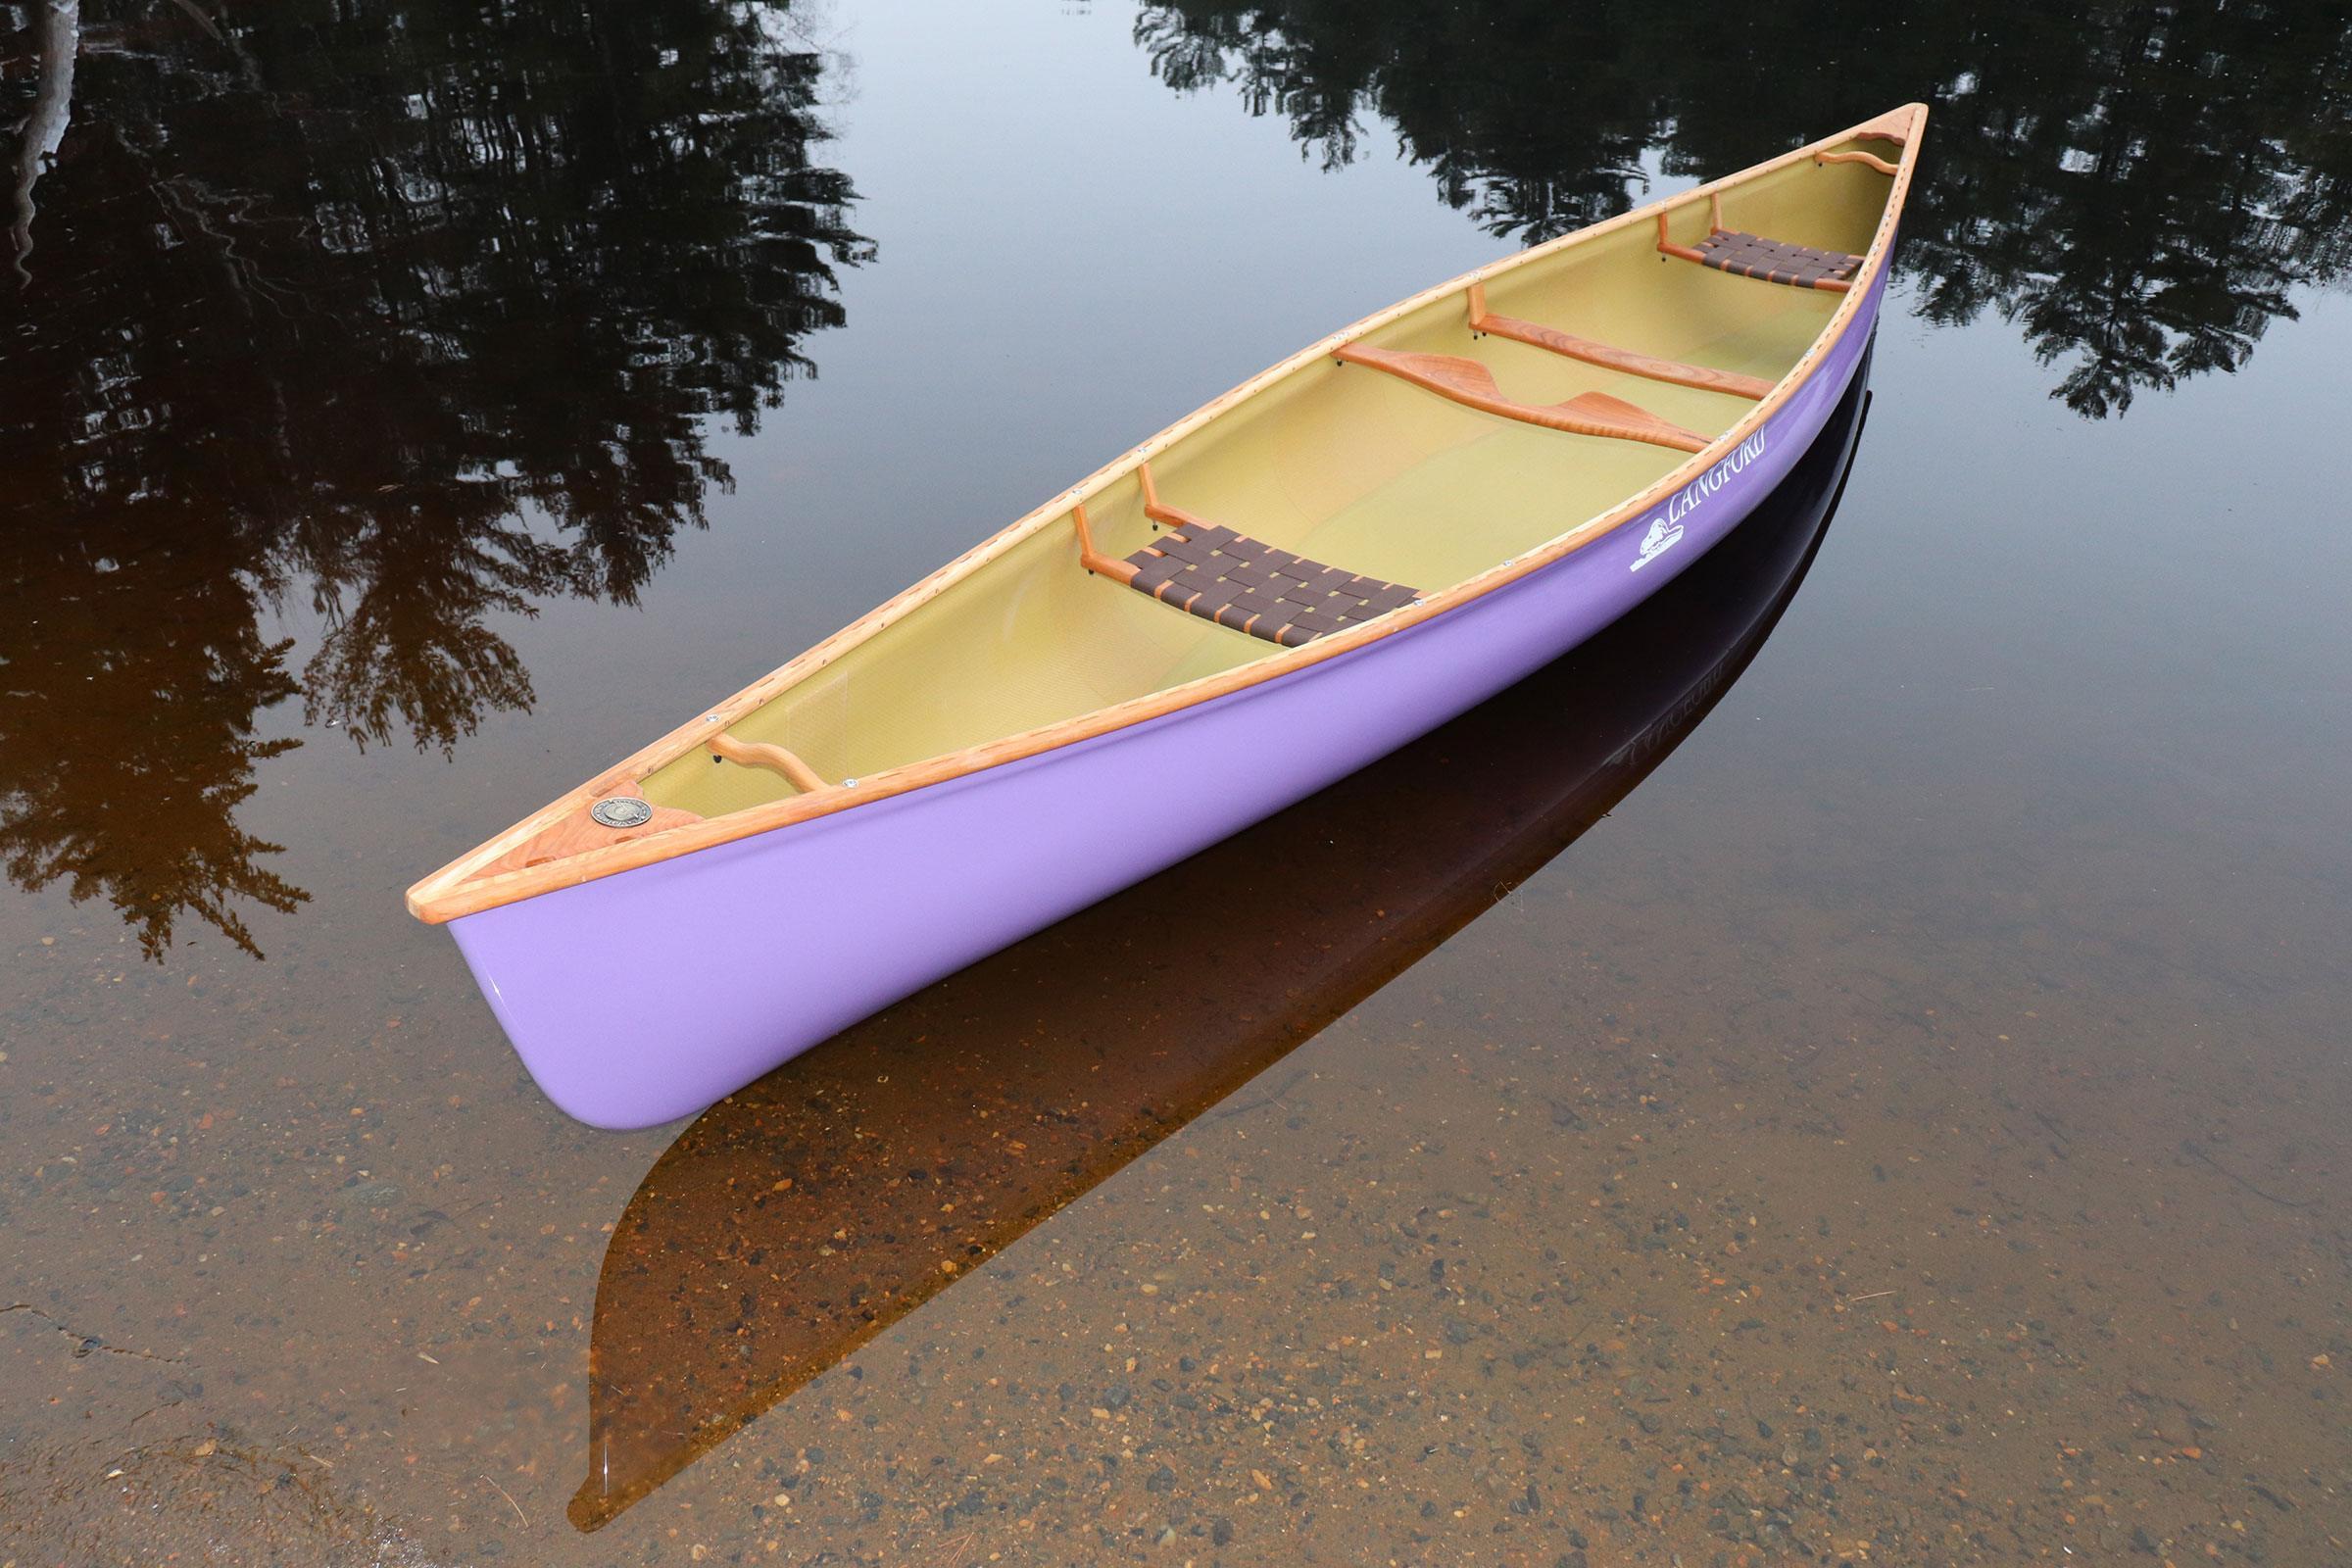 langford new model